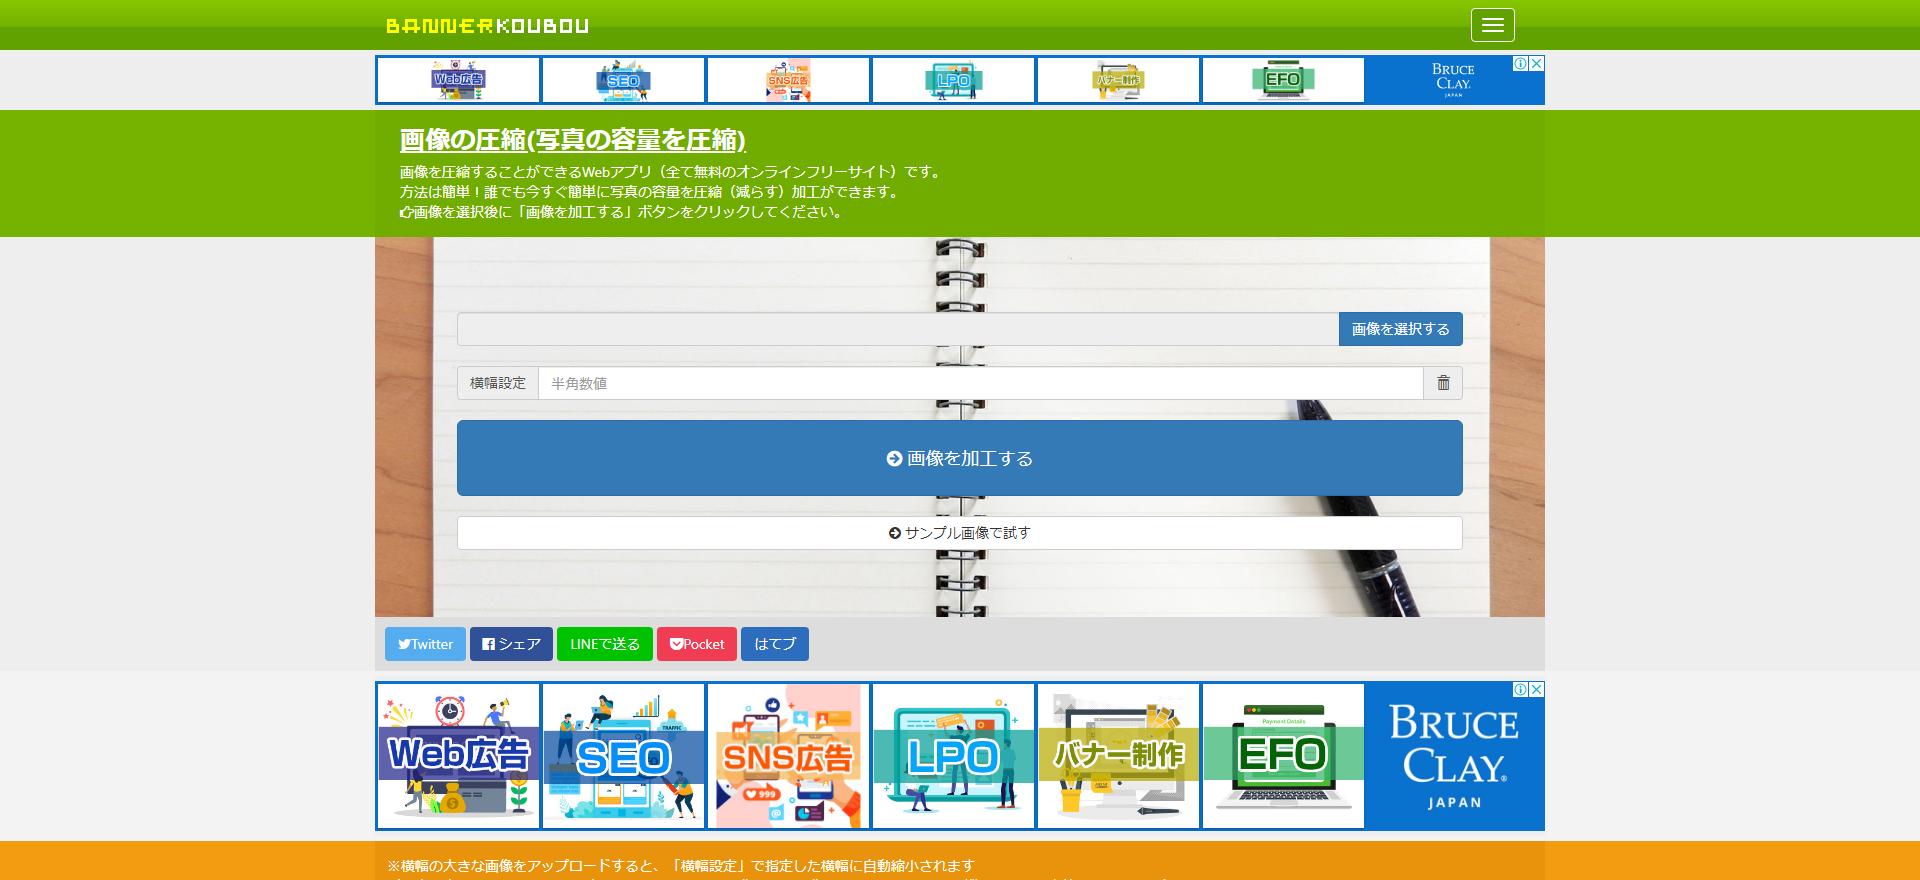 画像の圧縮(写真の容量を圧縮) - 無料オンラインフリーソフト